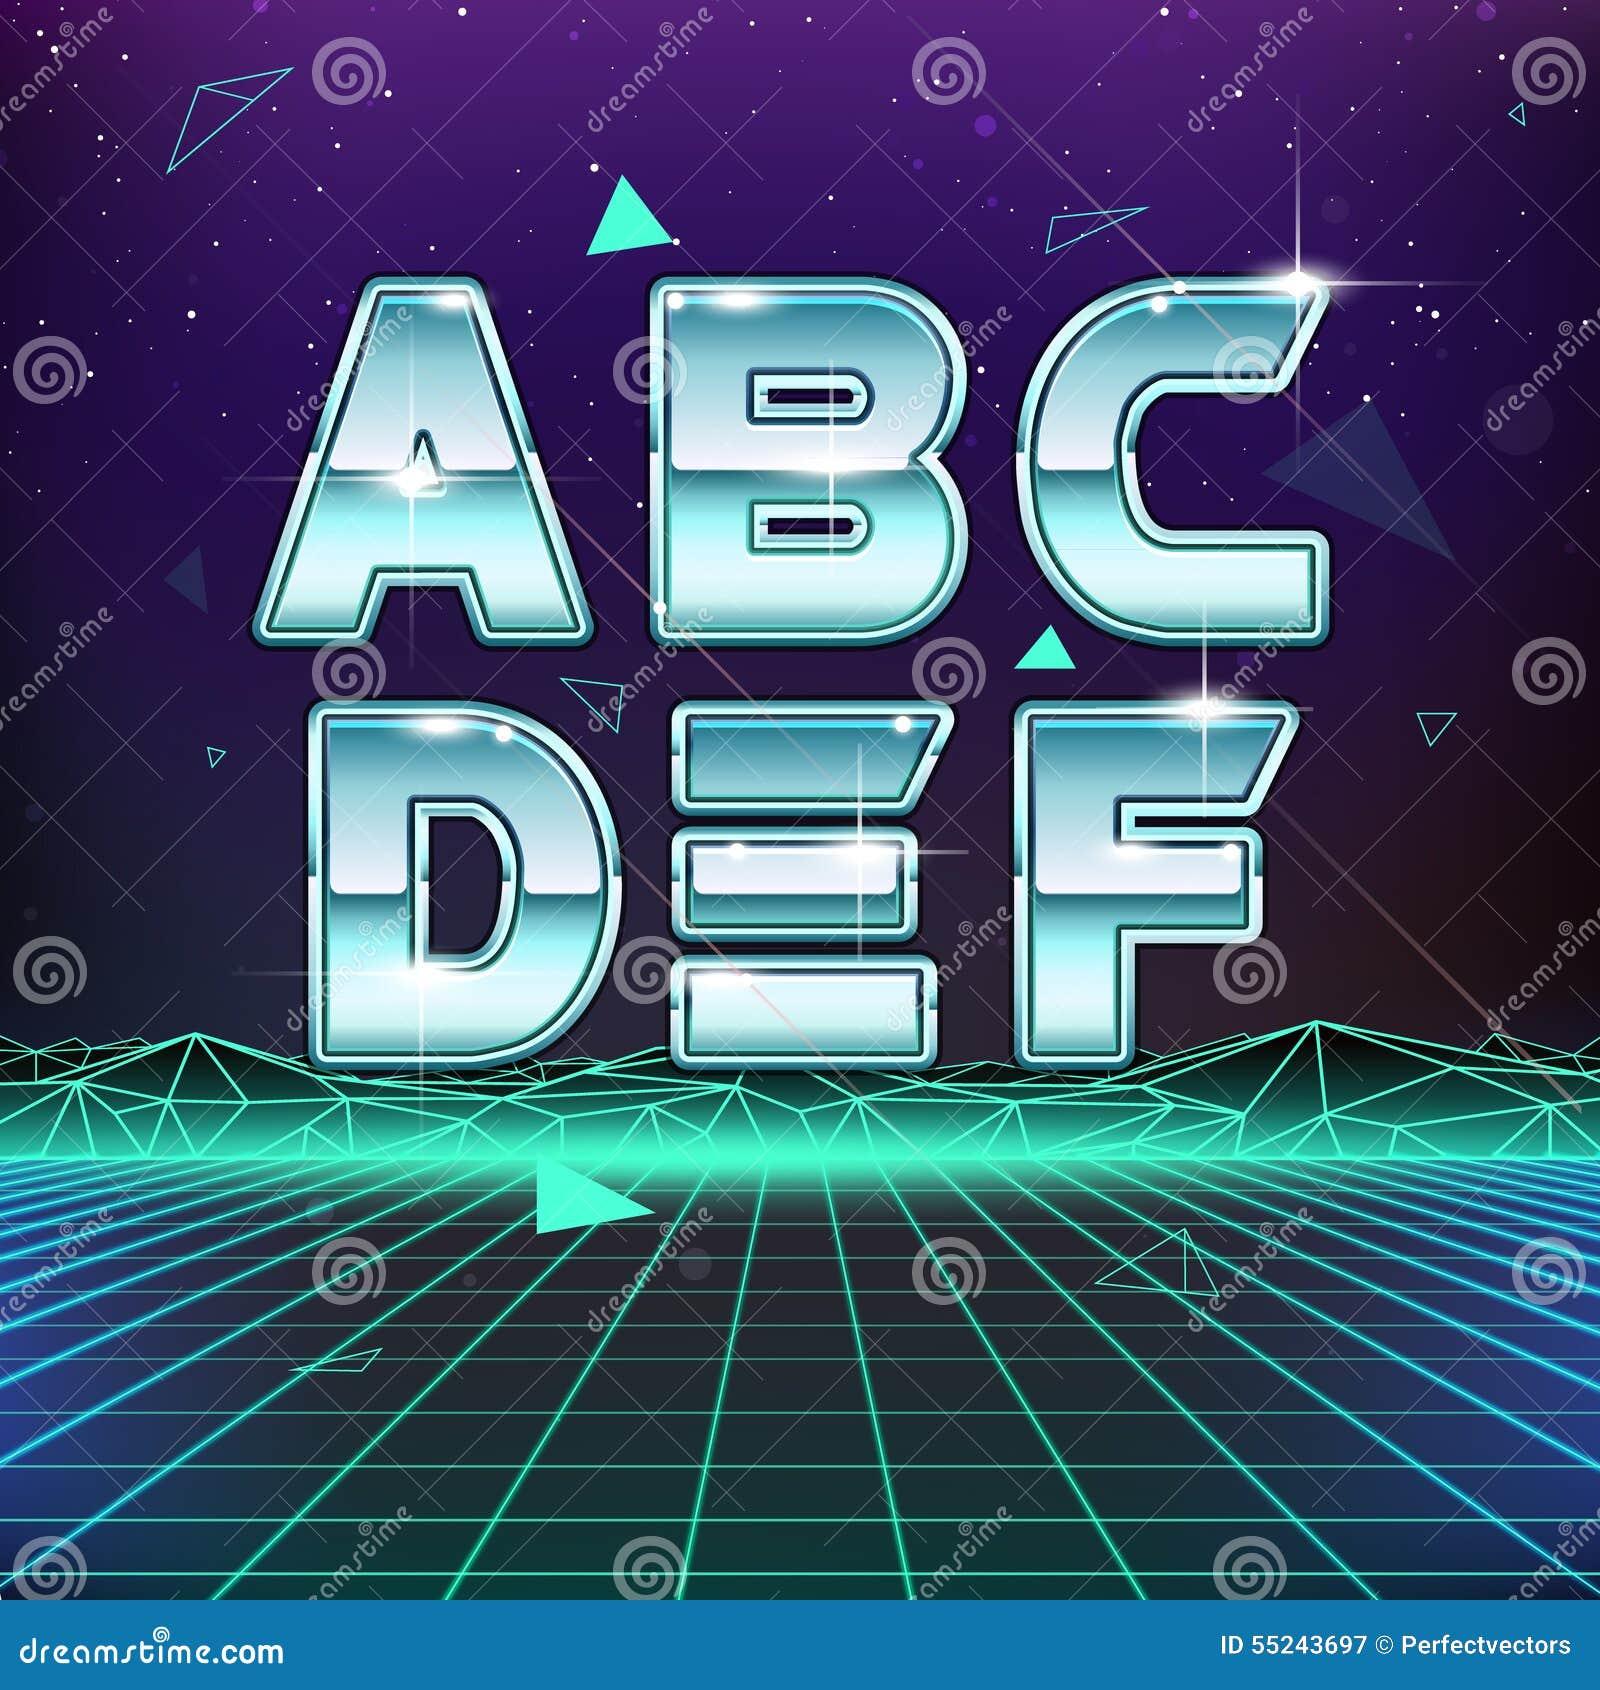 Digitalrevolution Blog Retro Sci Fi: 80s Retro Sci-Fi Font From A To F Stock Vector